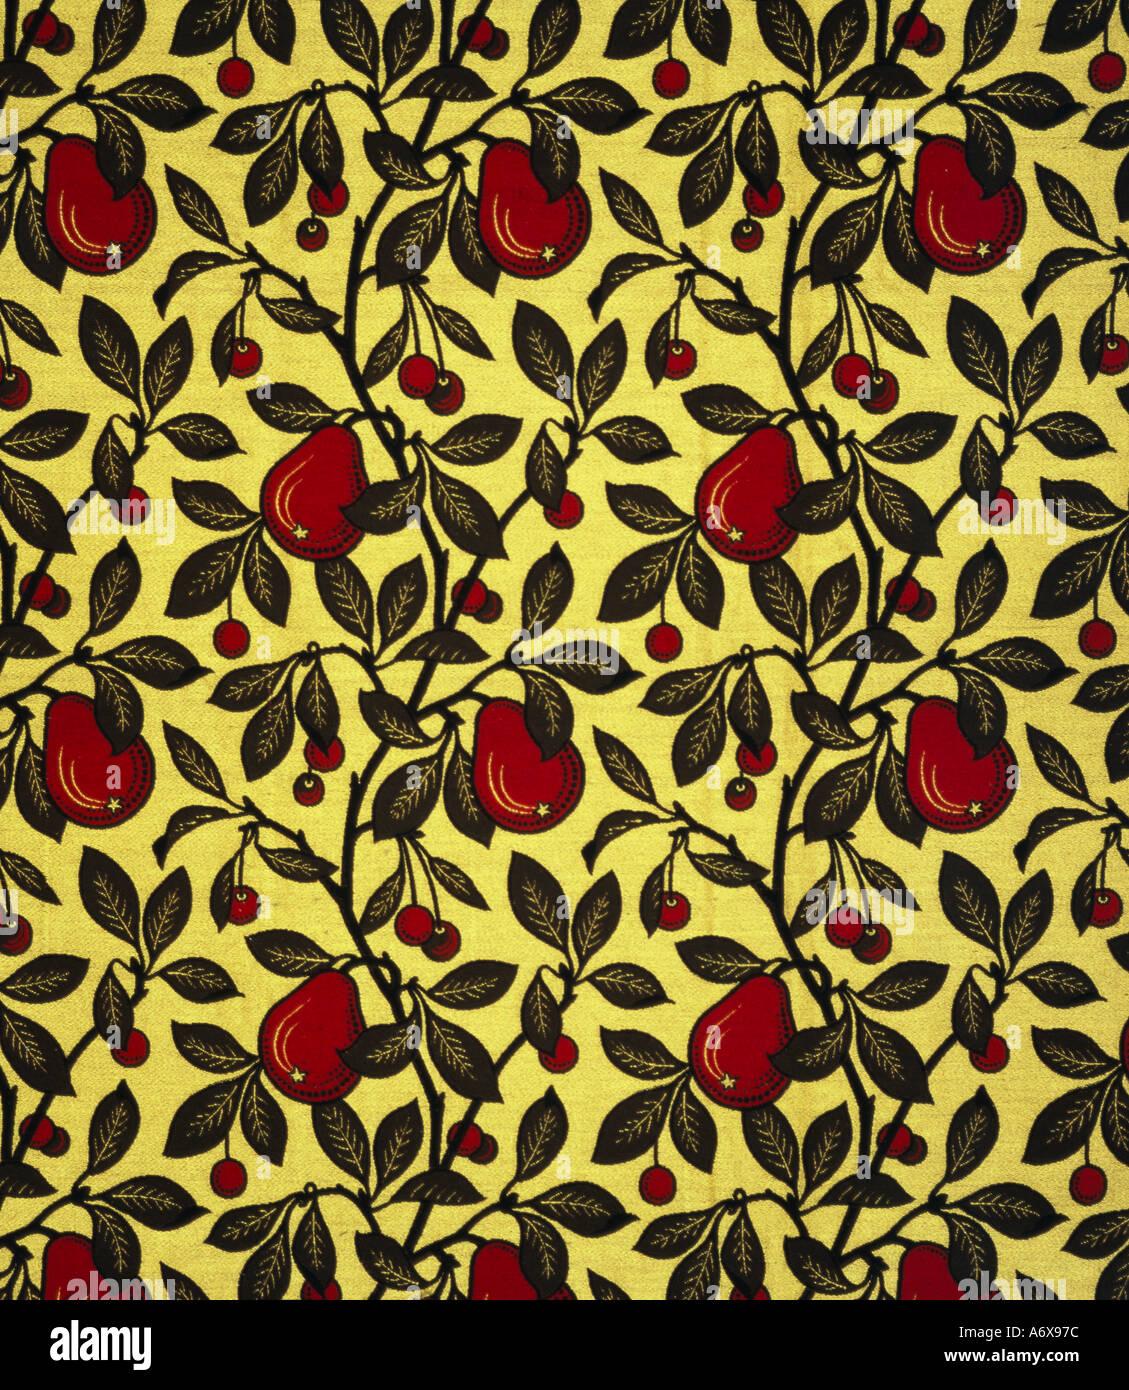 Le pere e le ciliegie di tessuti di arredamento da Bruce James Talbert. Inghilterra, fine del XIX secolo. Immagini Stock